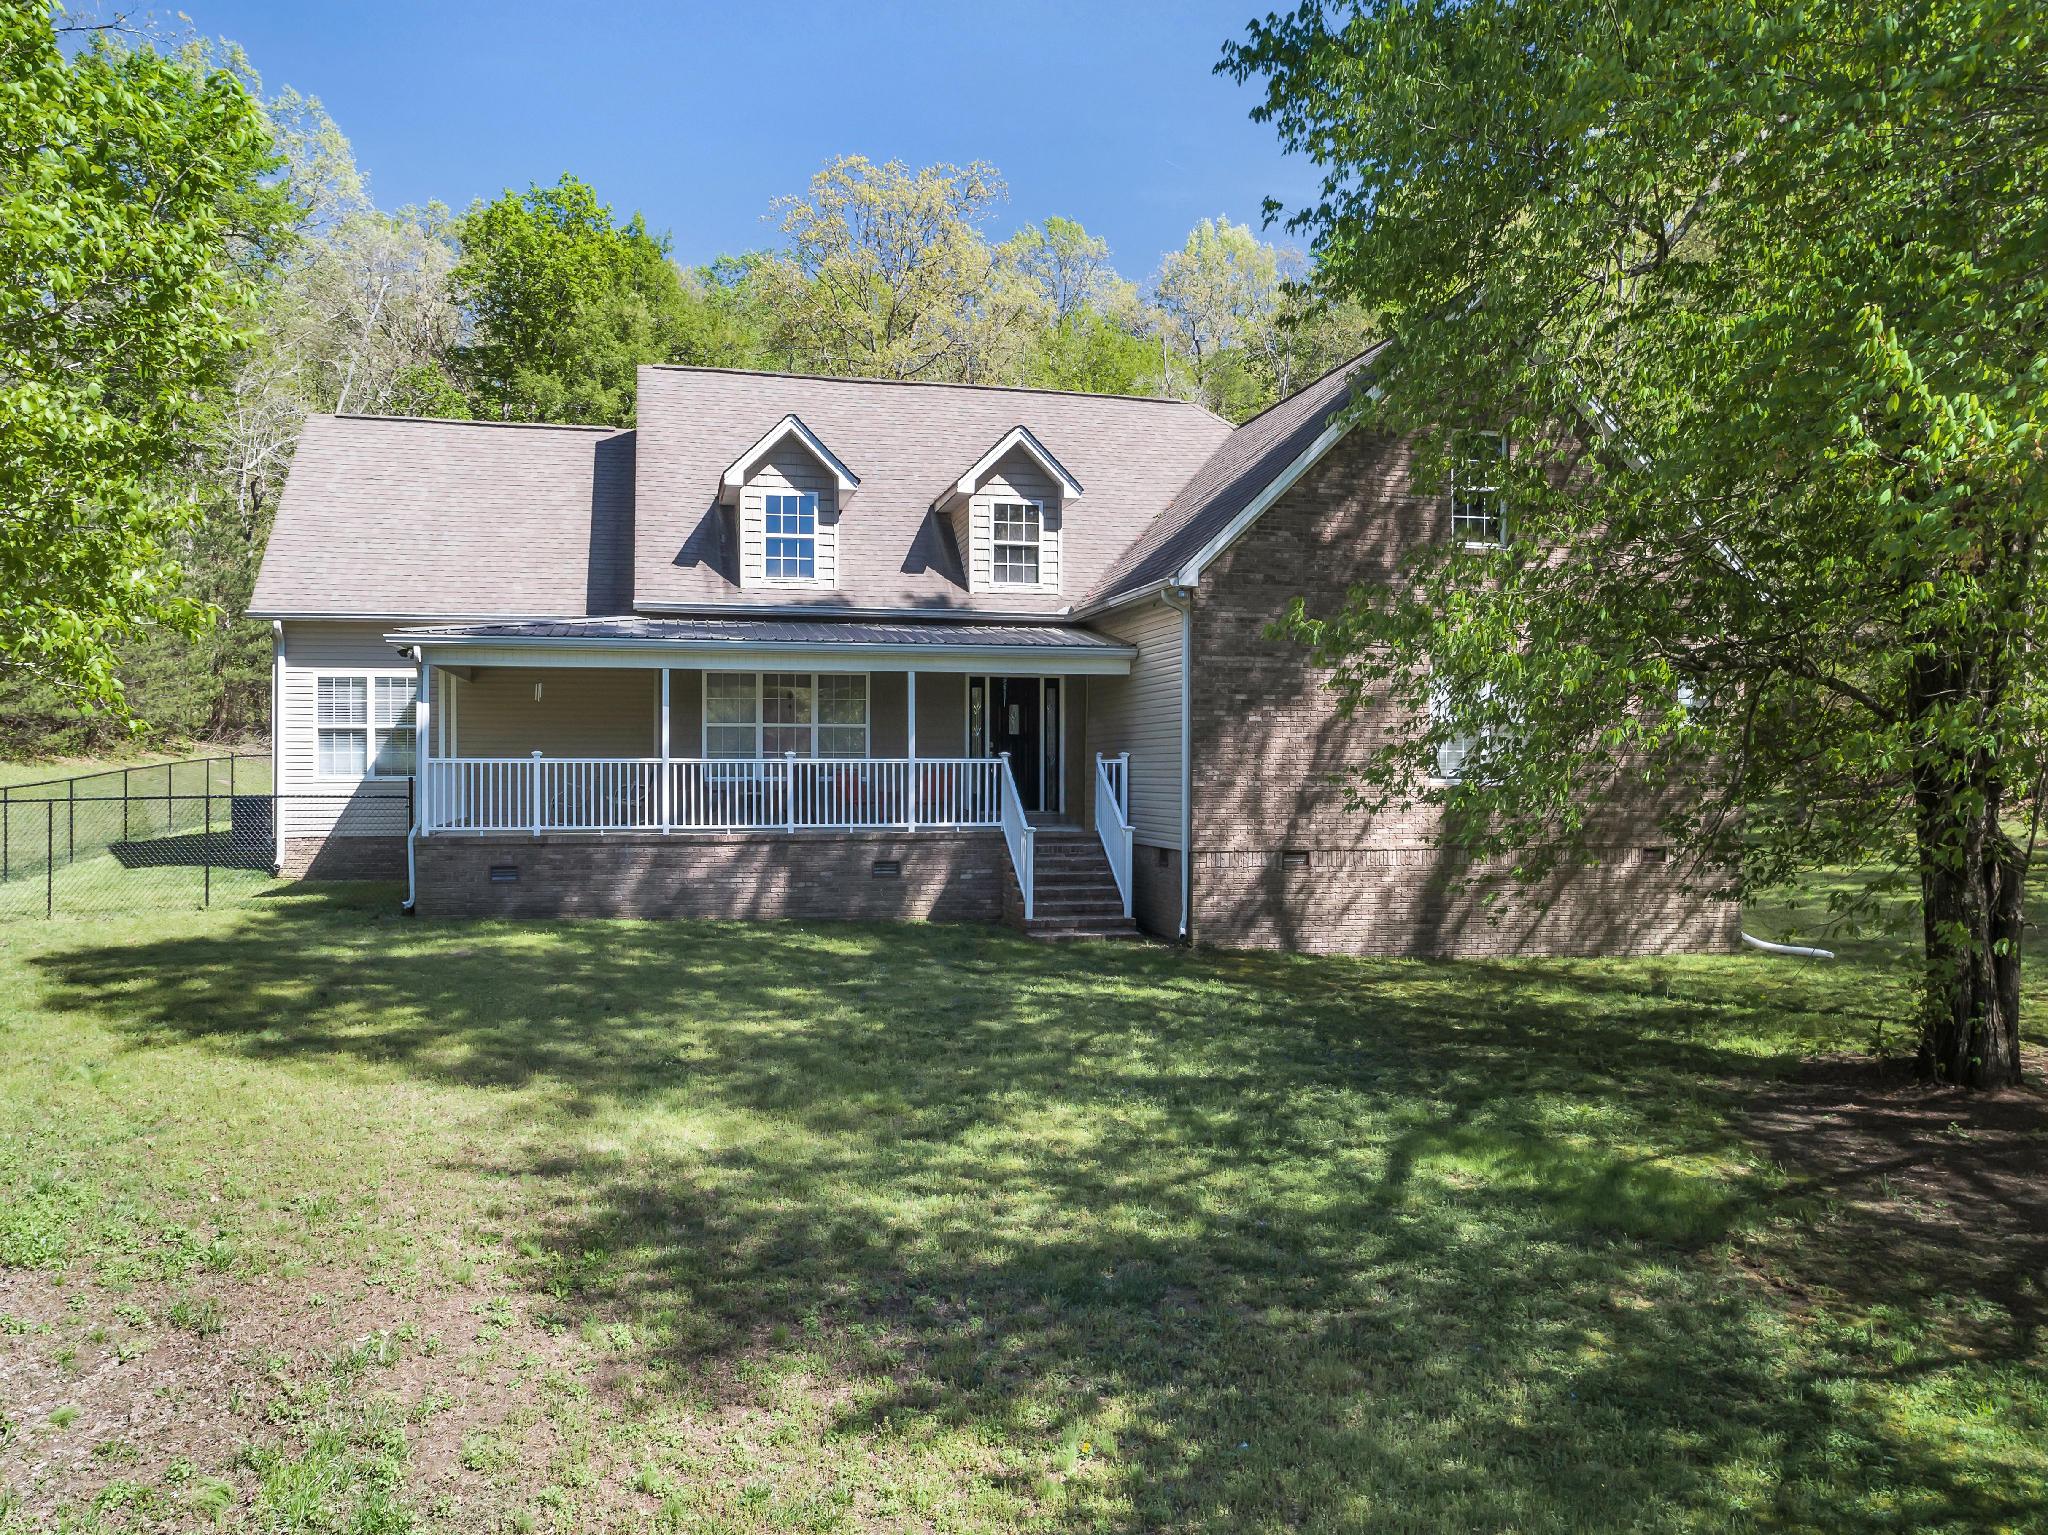 1211 Eldridge Rd, Soddy Daisy, TN 37379